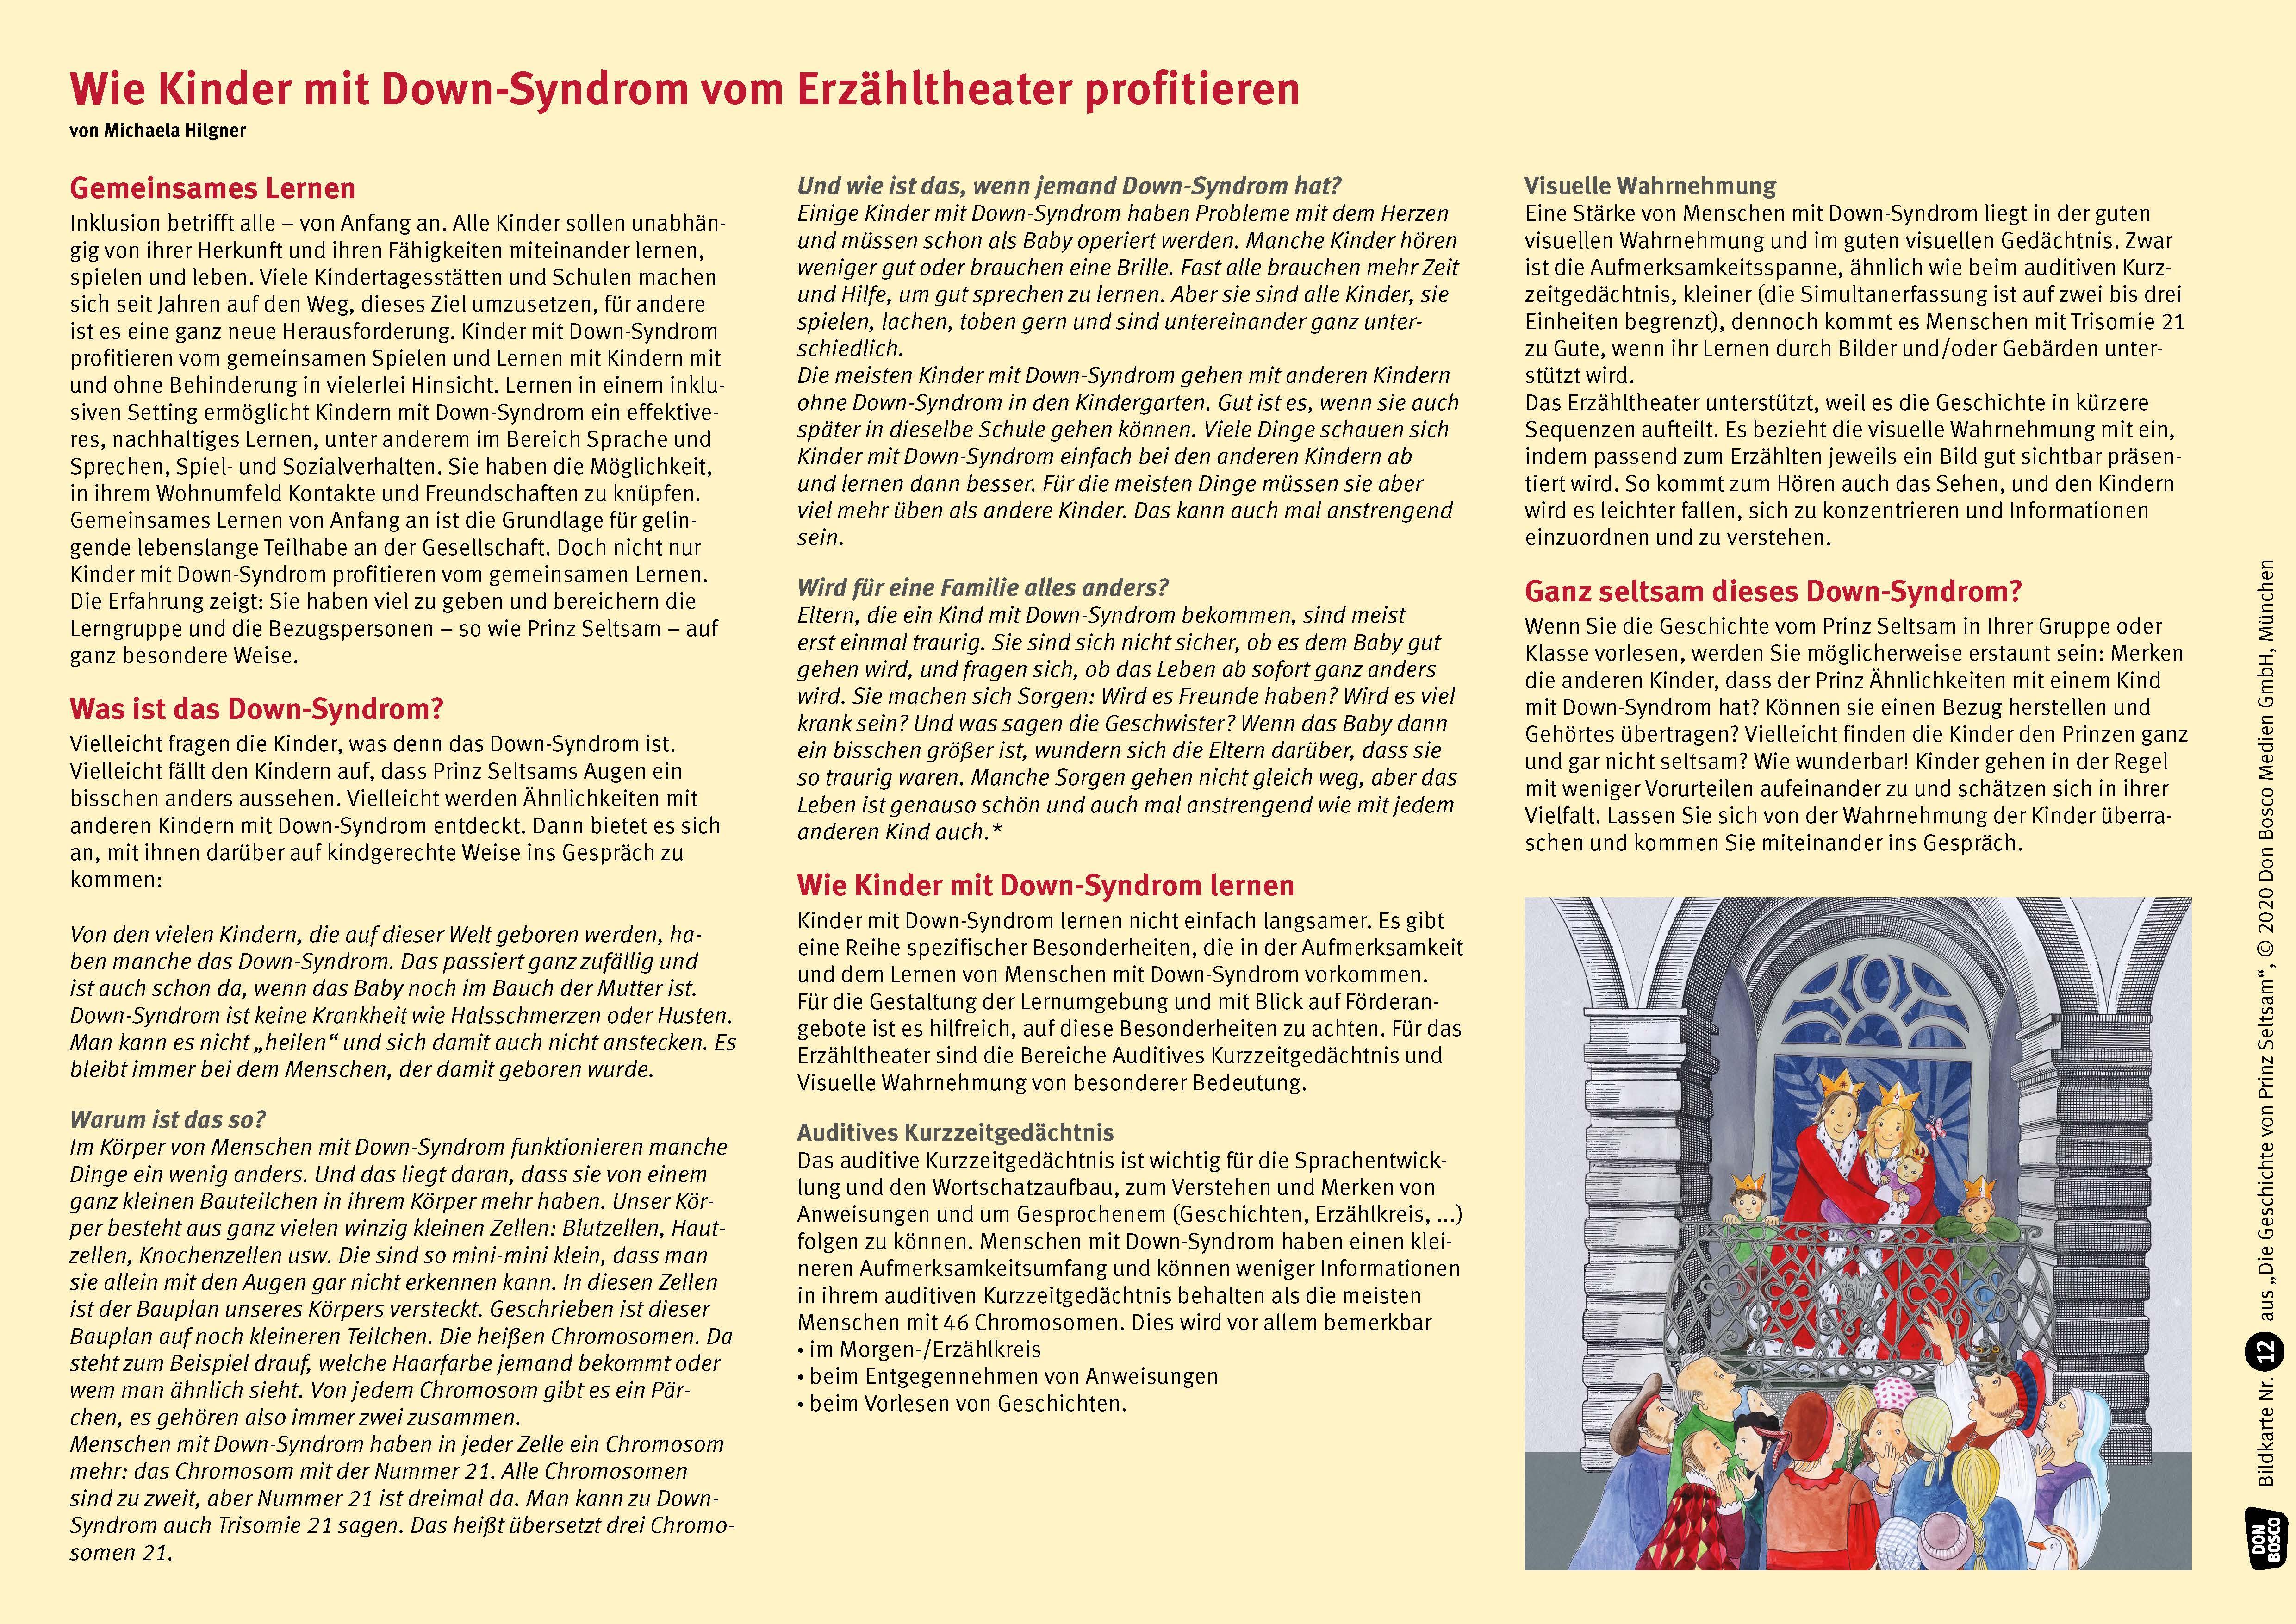 Innenansicht zu Die Geschichte von Prinz Seltsam. Wie gut, dass jeder anders ist! Kamishibai Bildkartenset mit Informationen zum Down-Syndrom